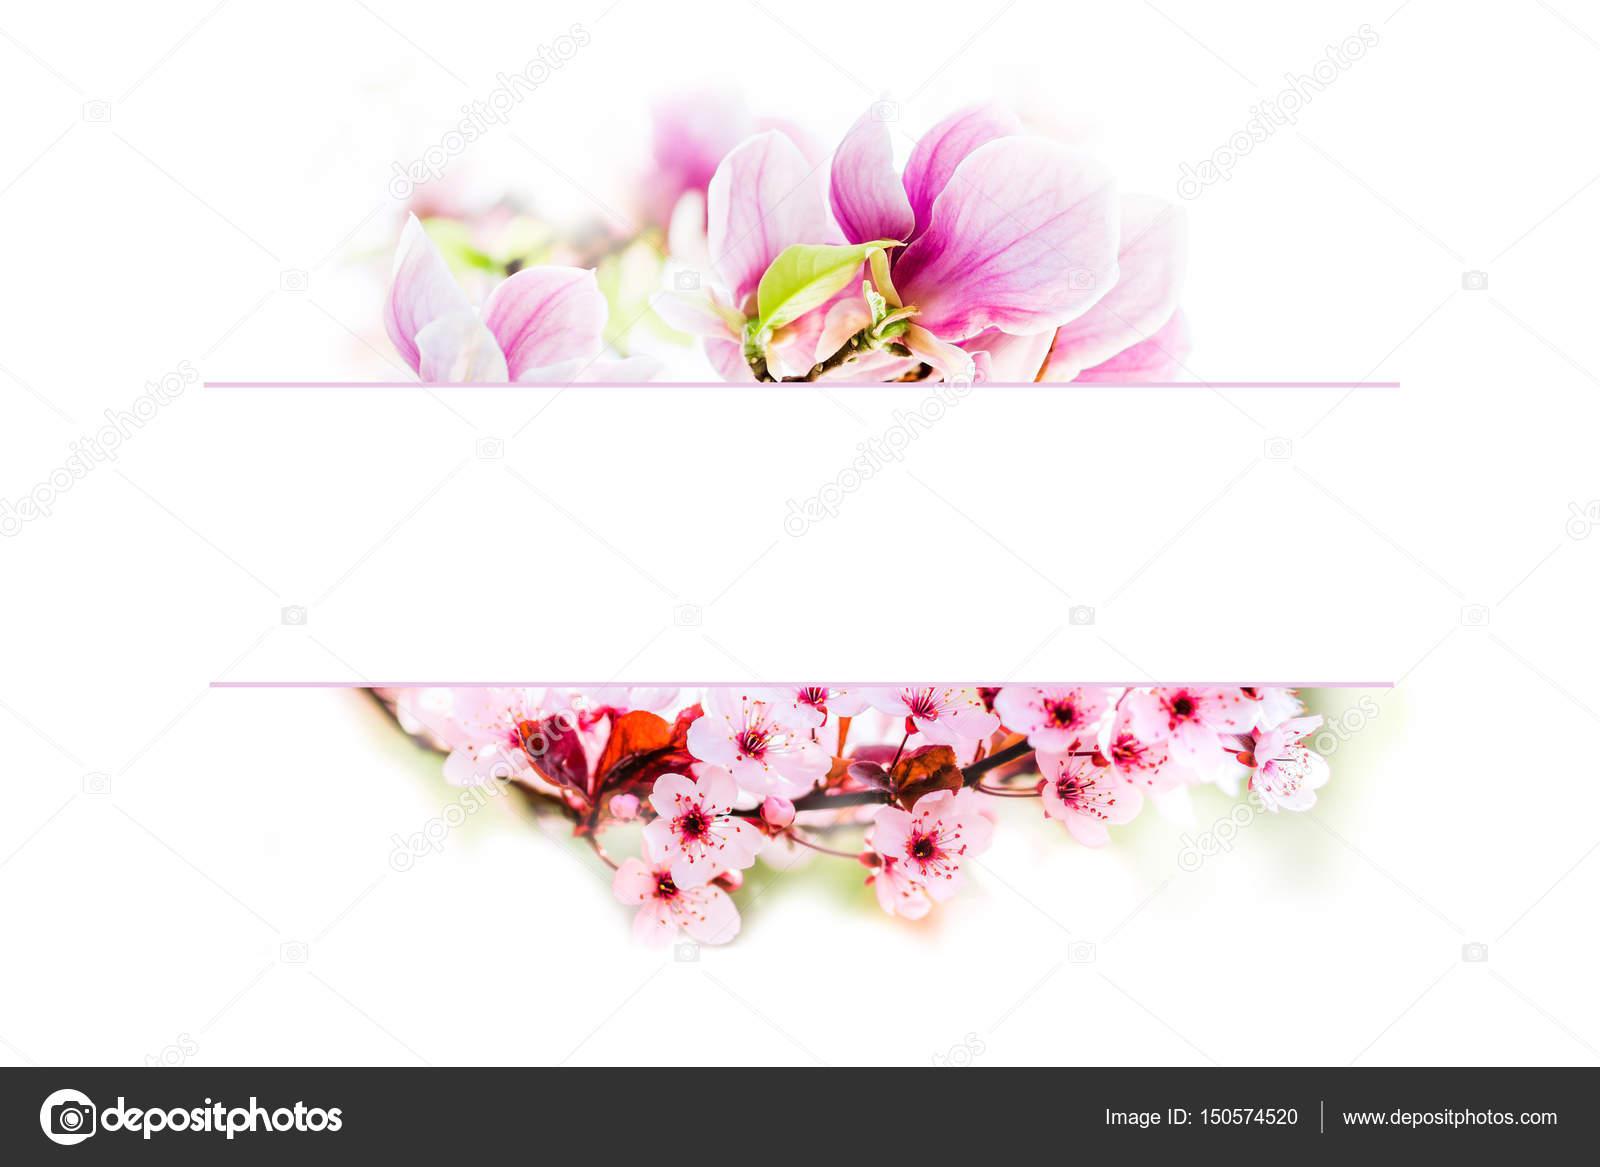 blühende Magnolie Blume und Kirsche Baum Blumen Rahmen — Stockfoto ...